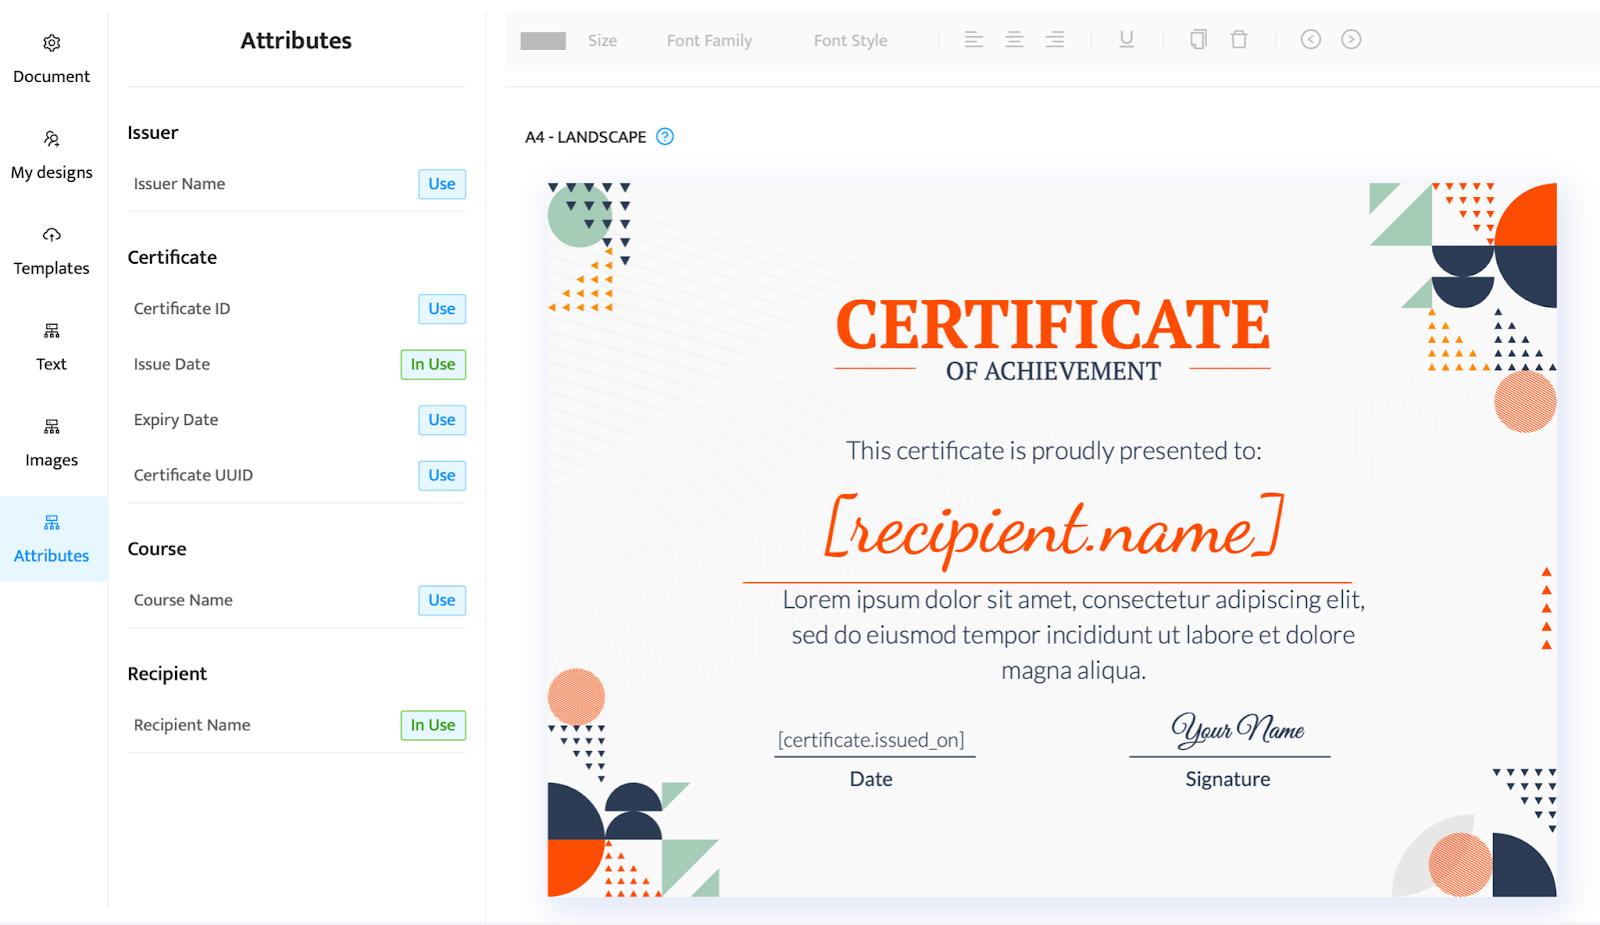 Certifier dashboard - add attributes to design